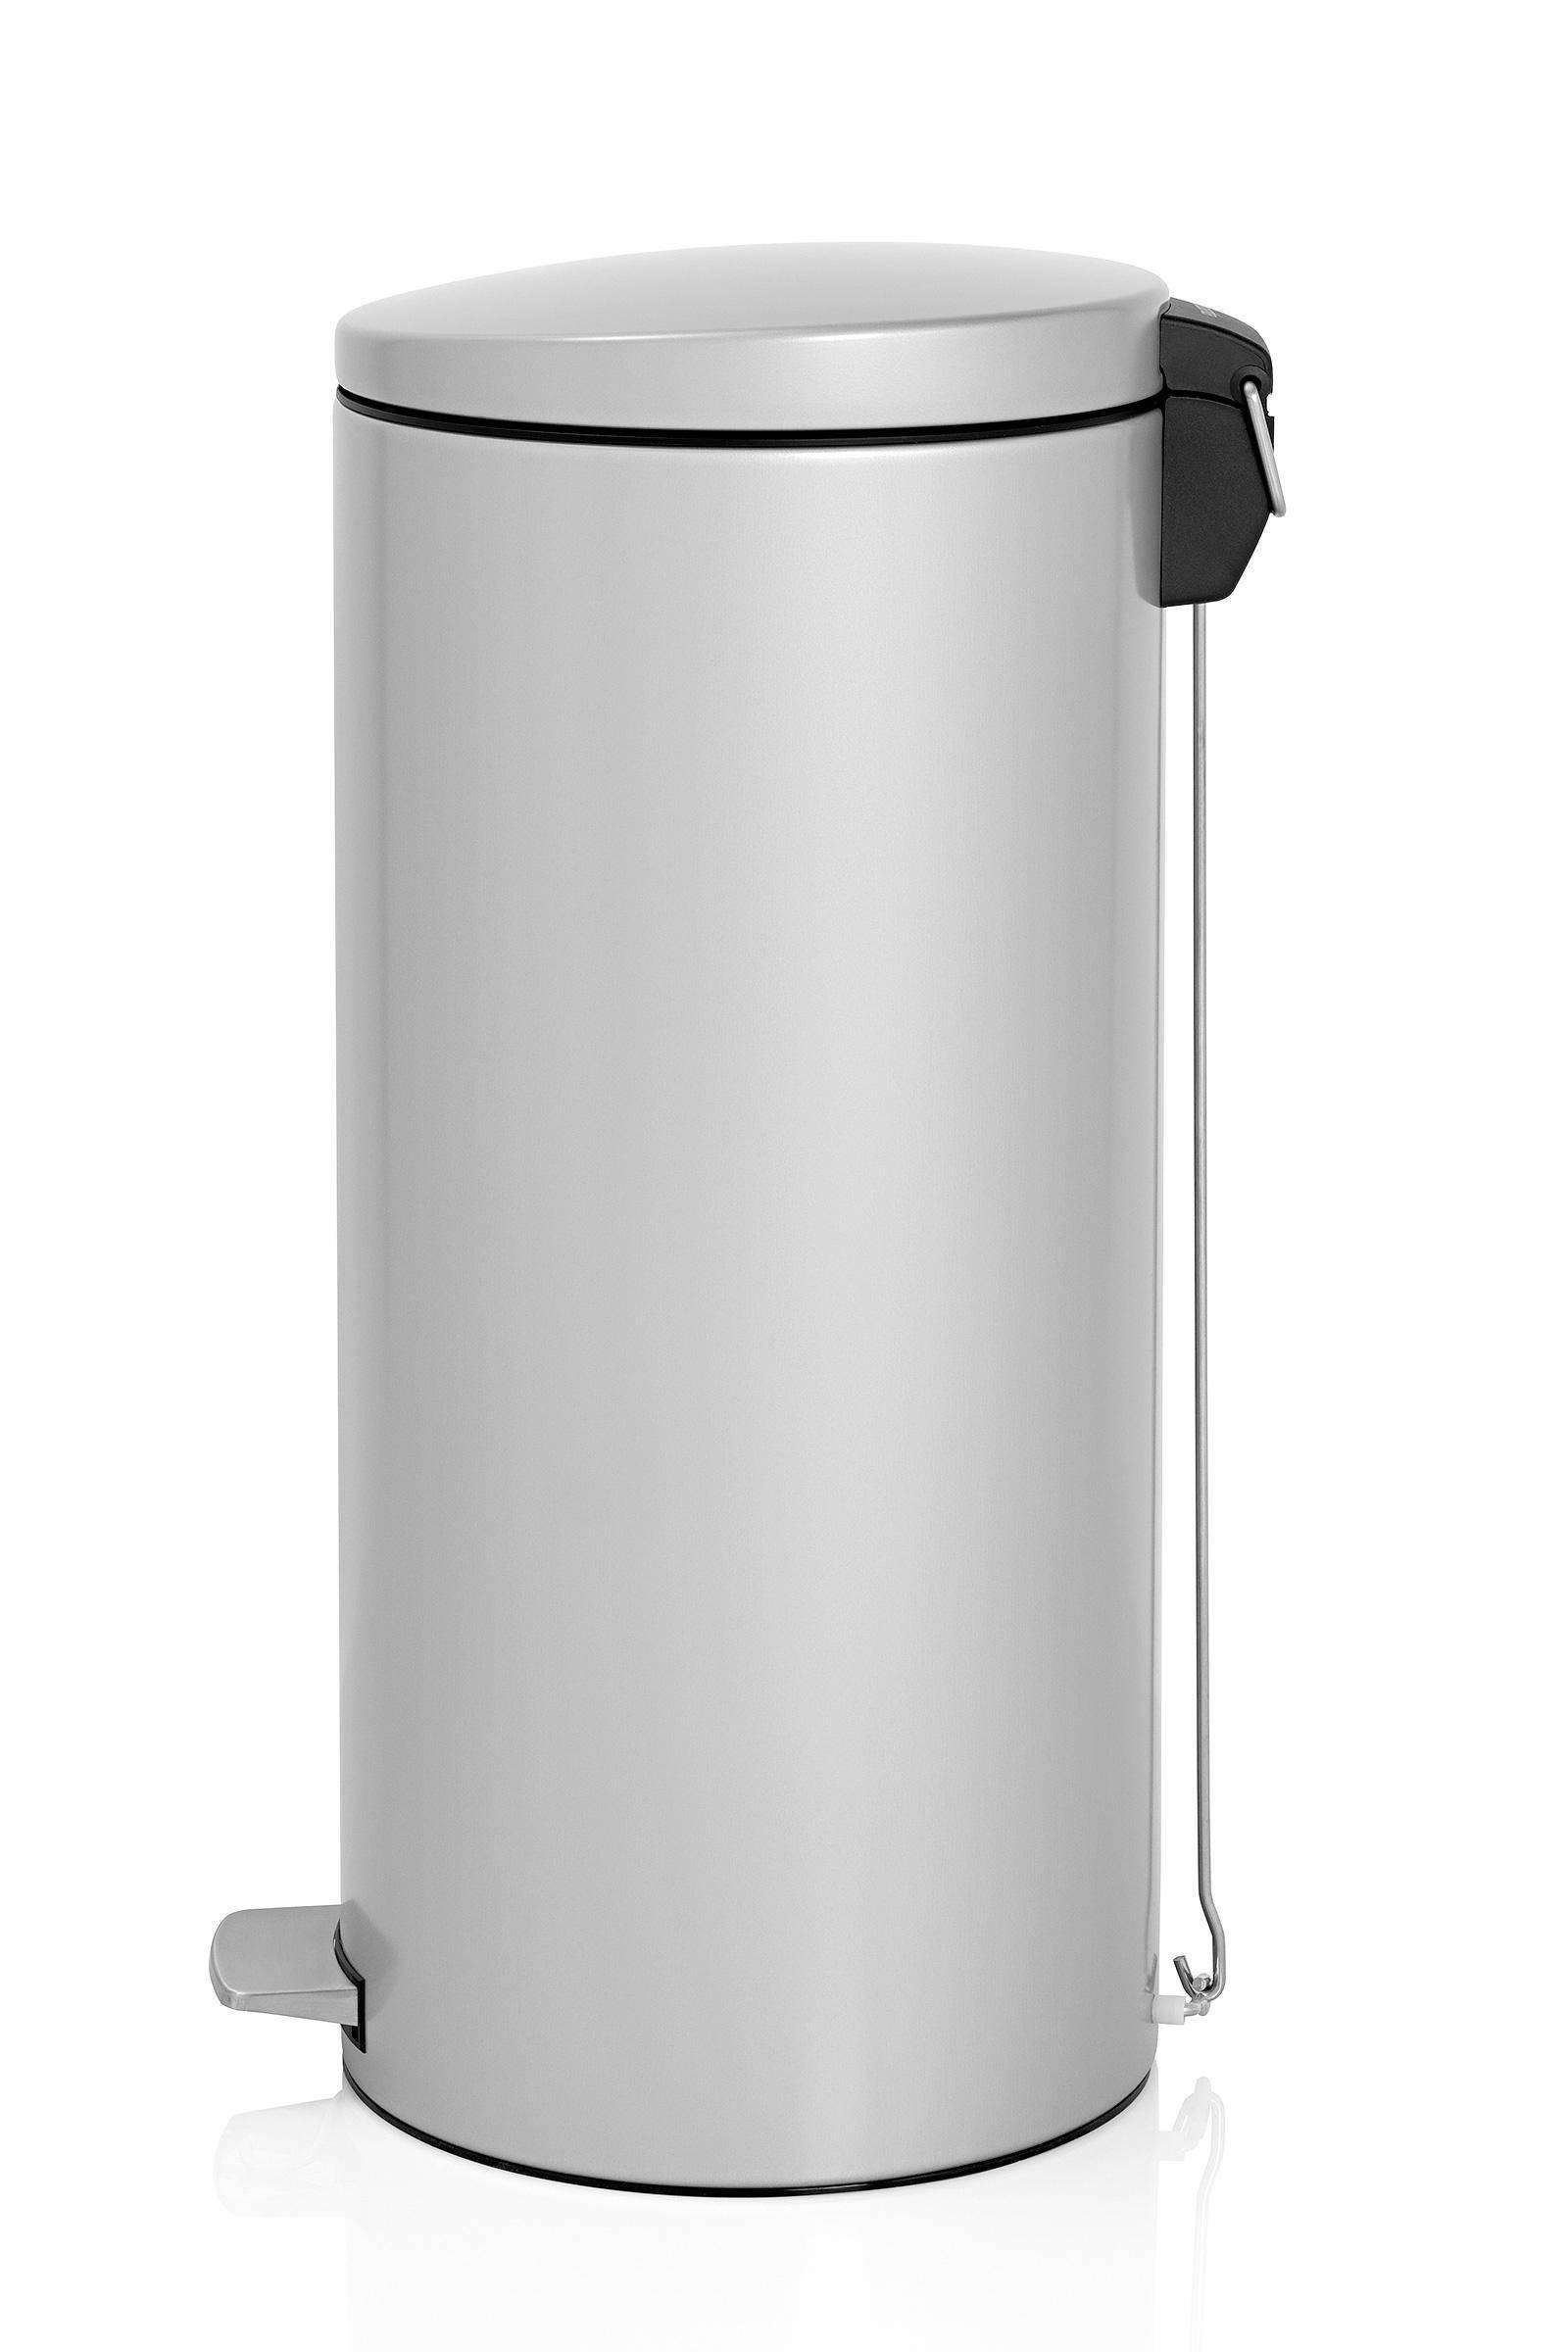 Brabantia Motioncontrol Pedaalemmer 30 L.Pedaalemmer 30 Liter